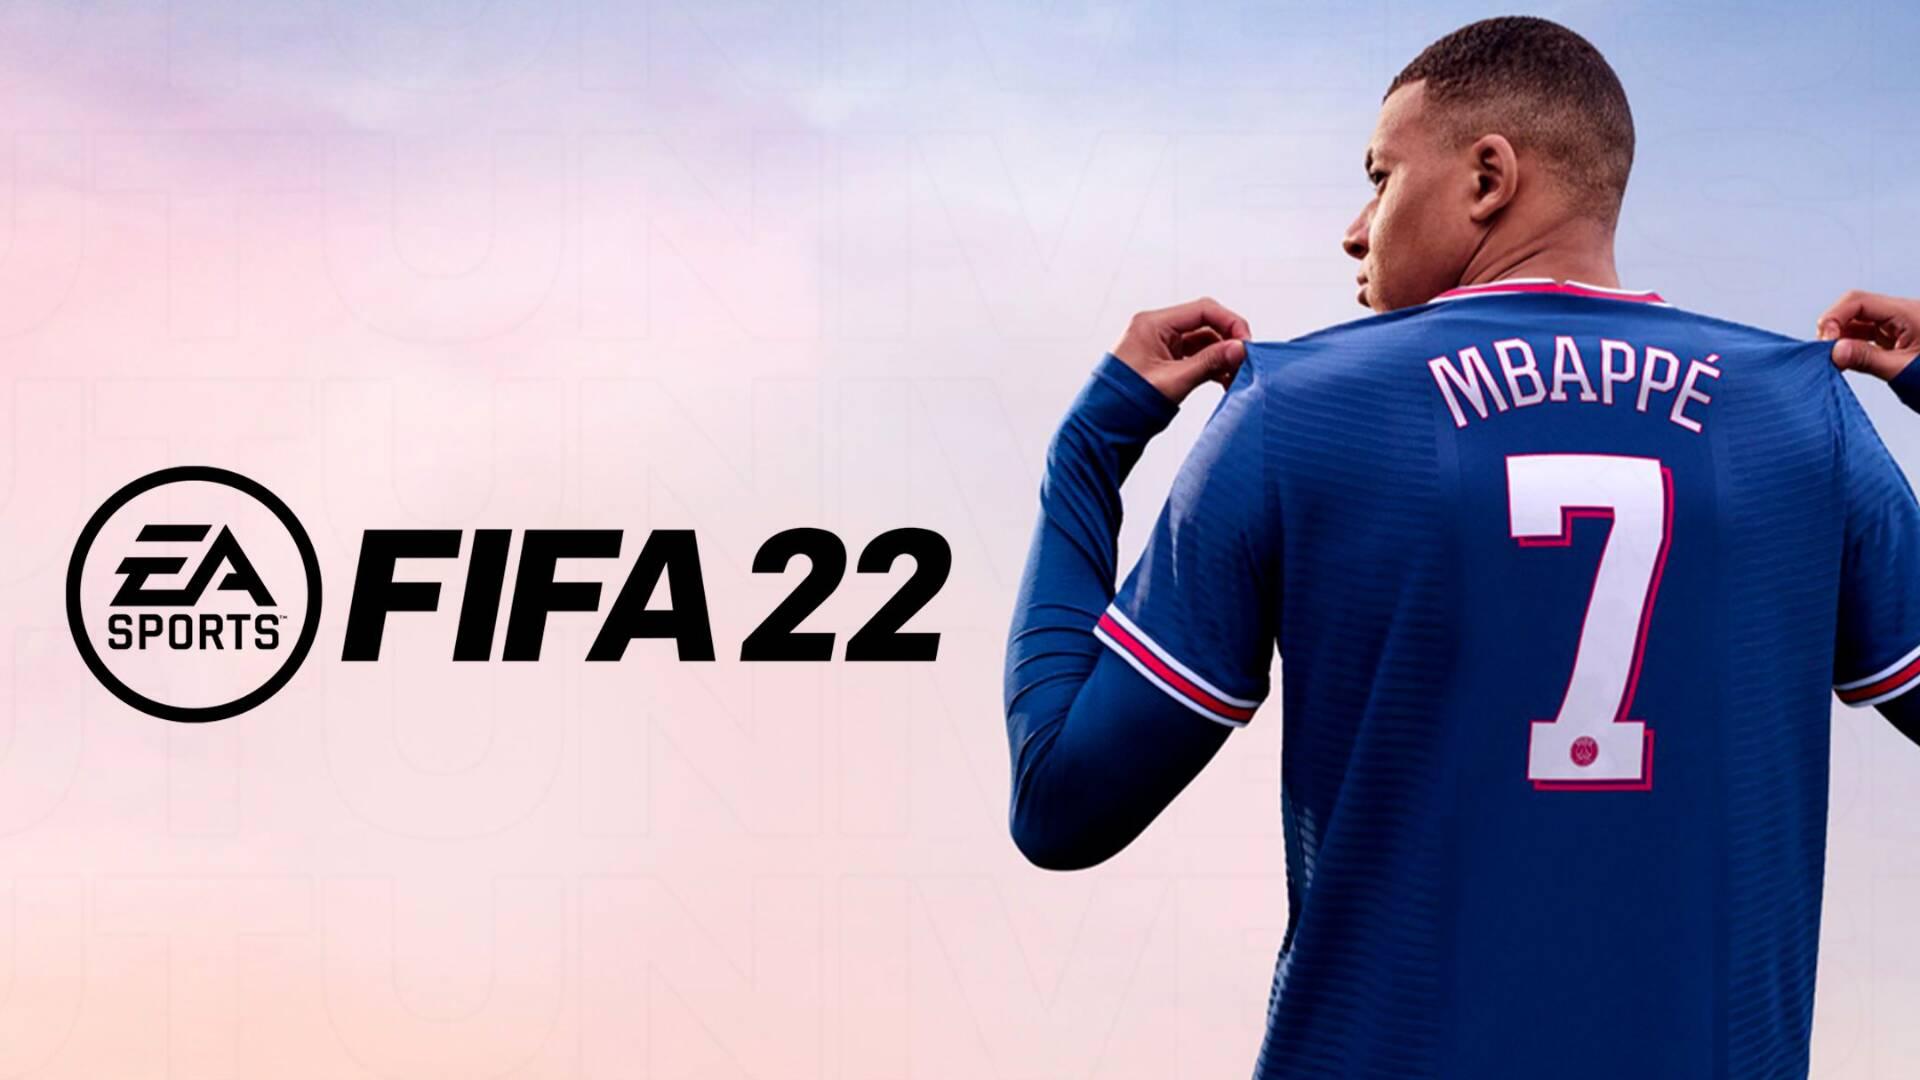 LANCIO DA RECORD DI FIFA 22